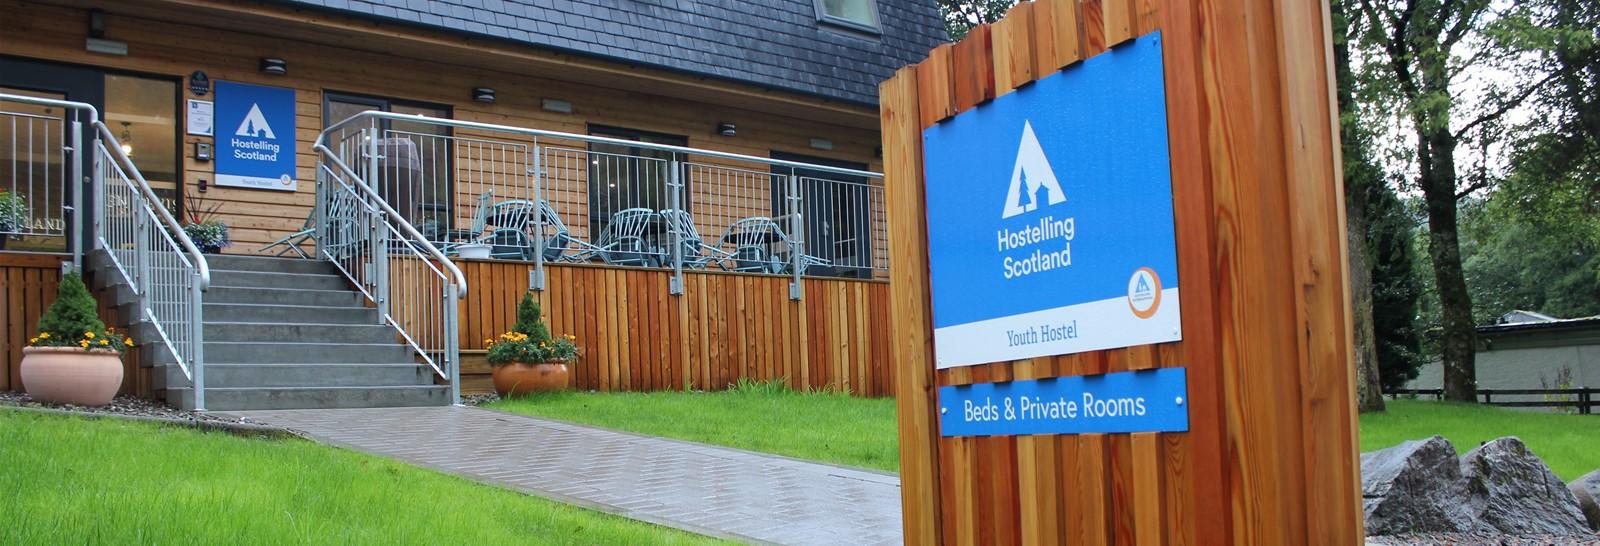 Hostelling Scotland signage